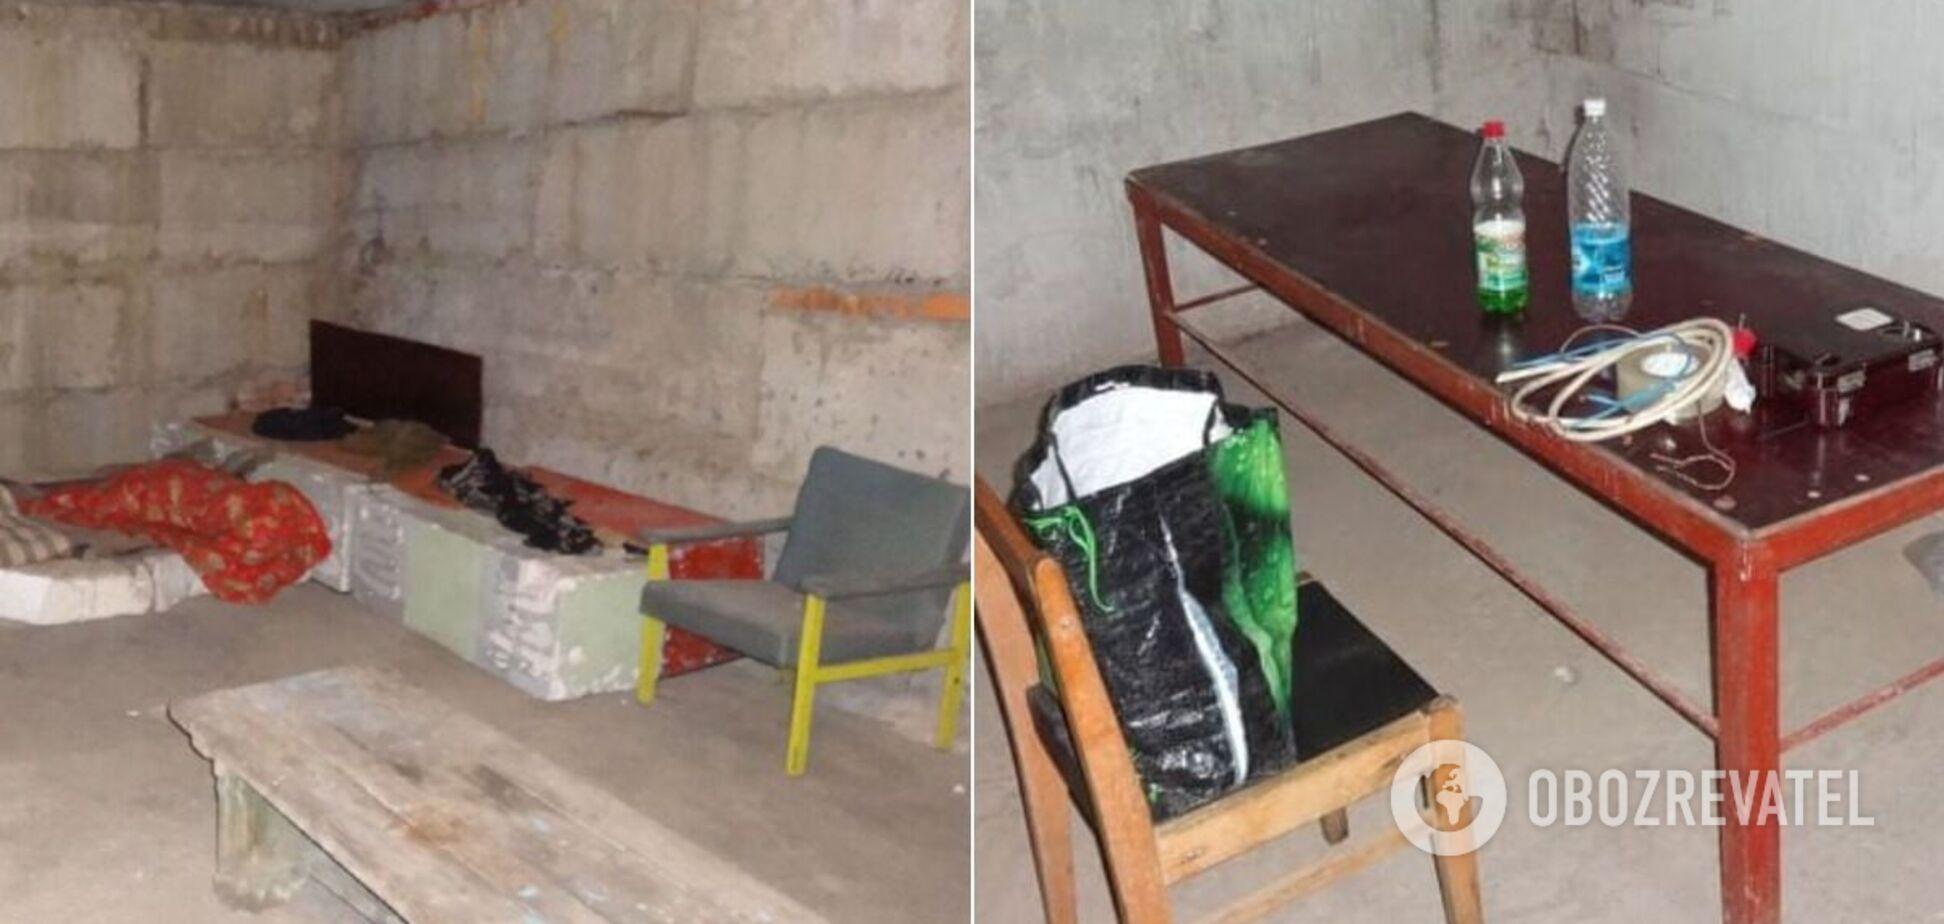 Опубліковано фото концтабору терористів 'Ізоляція' в Донецьку